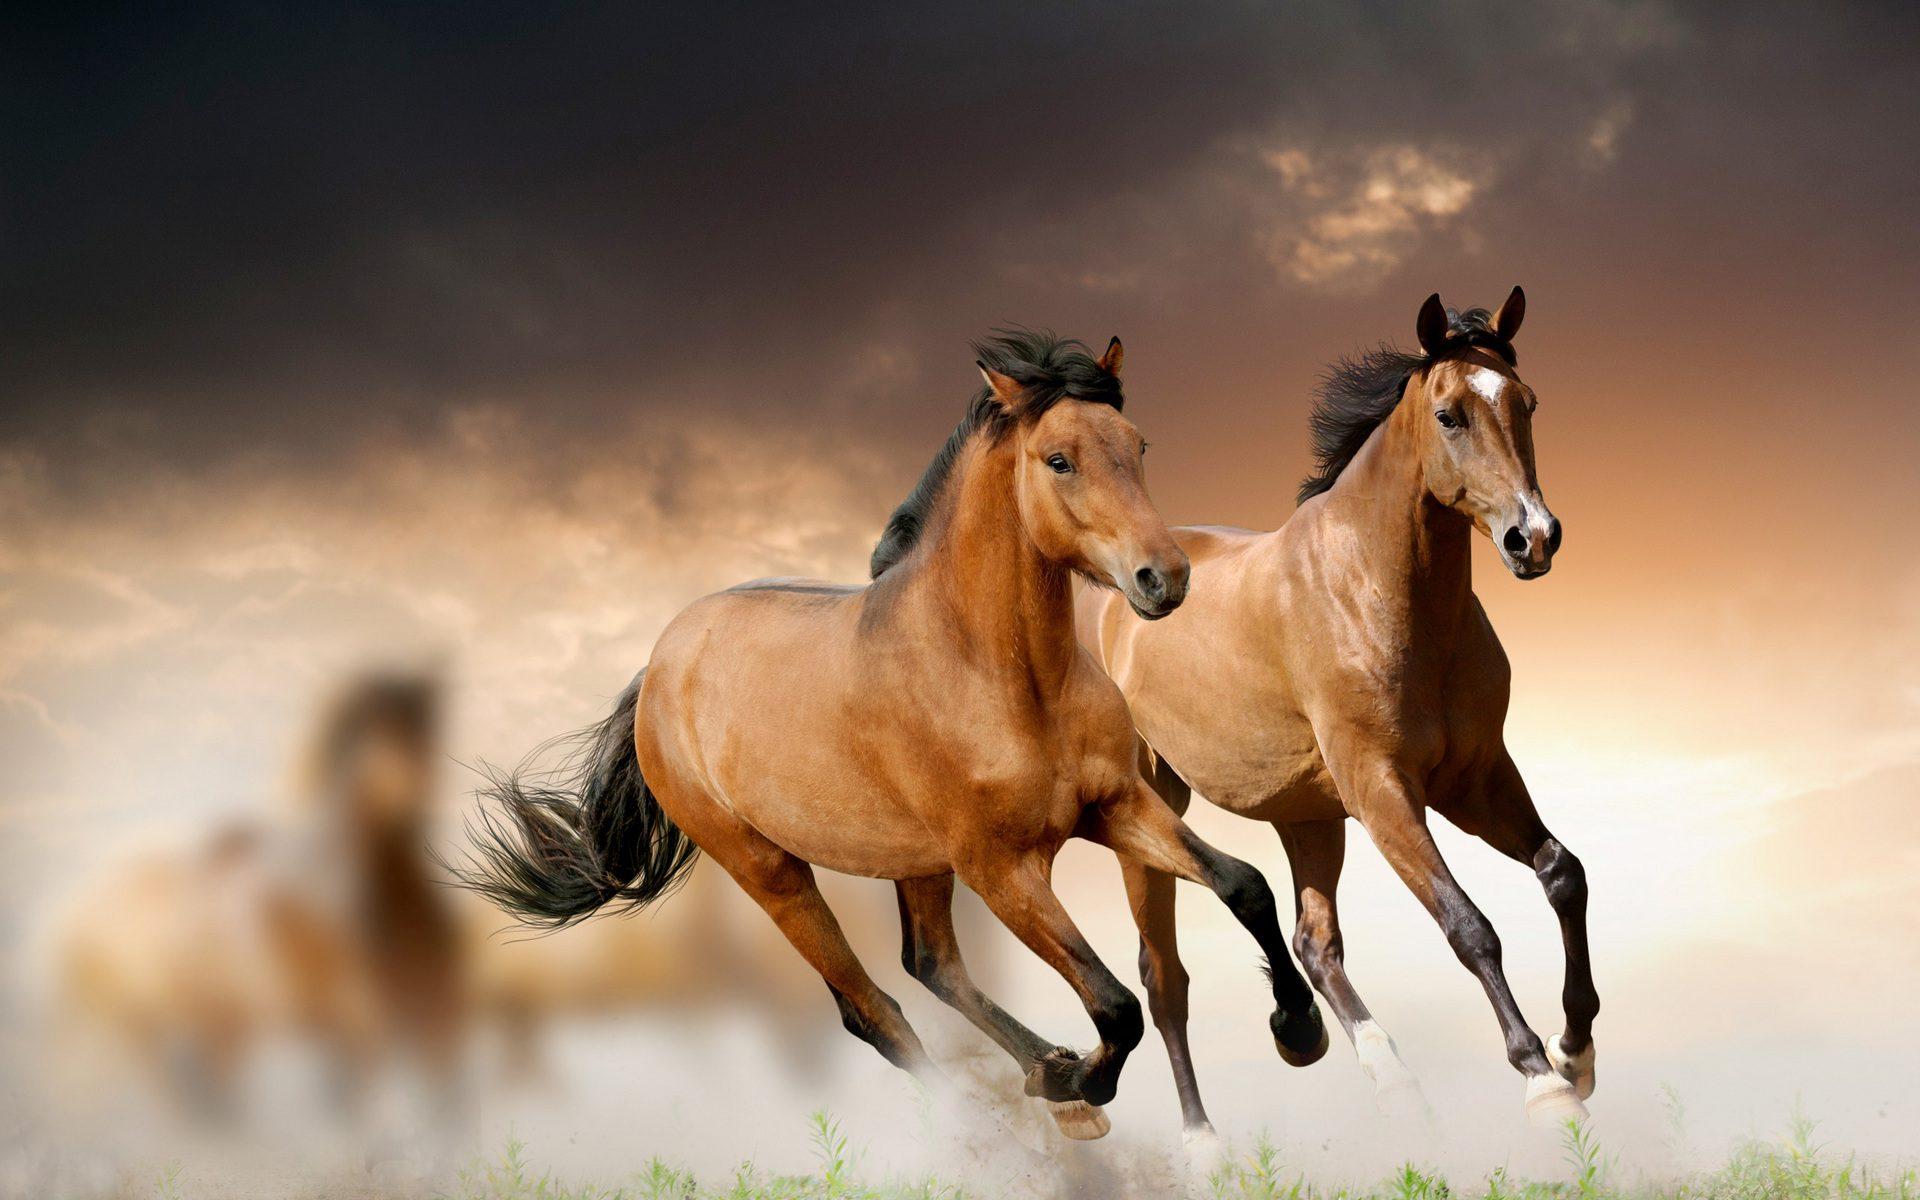 увидеть лошадки картинки фон томные